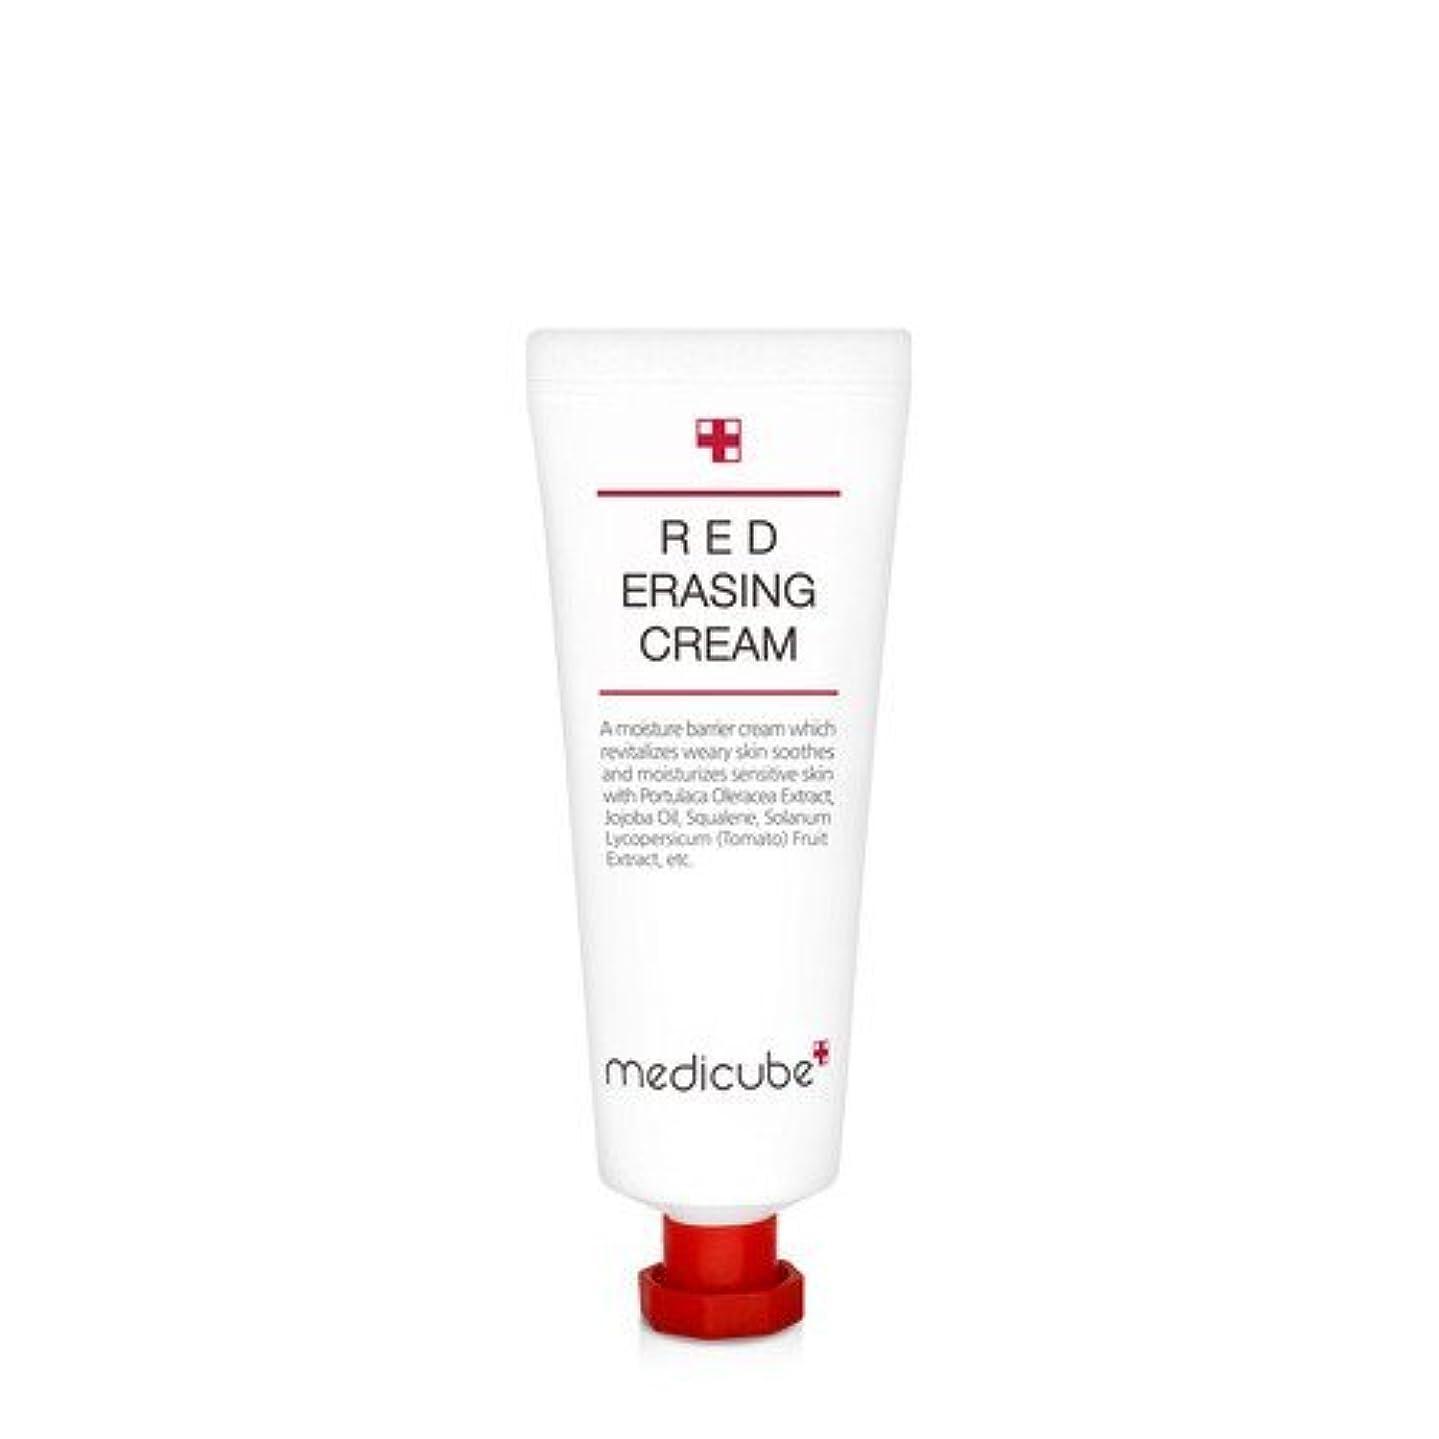 小競り合い積分やろう[Medicube]Red Erasing Cream 50g / メディキューブレッドイレイジングクリーム / 正品?海外直送商品 [並行輸入品]